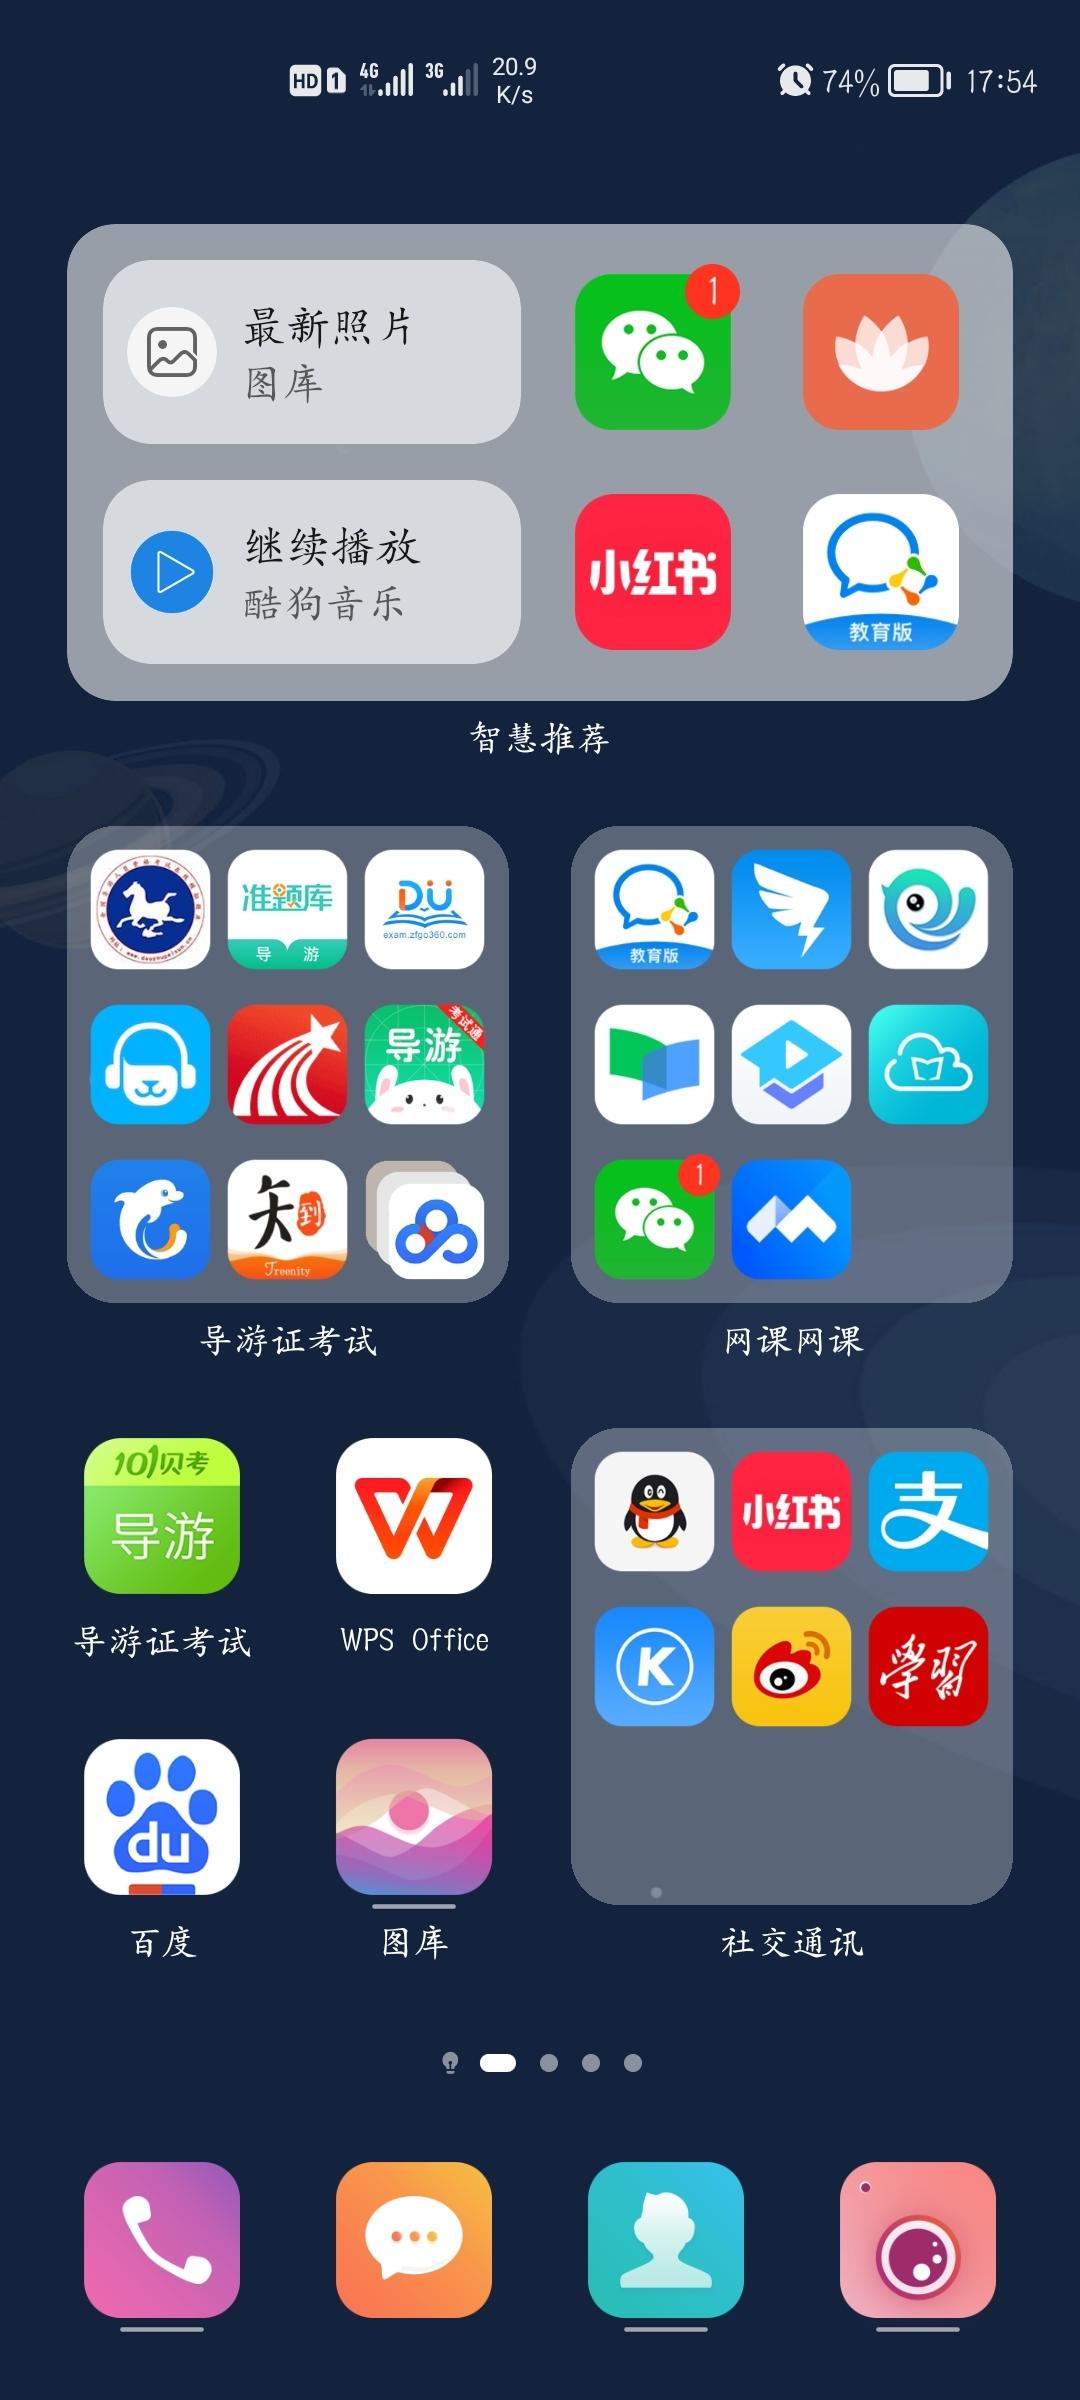 Screenshot_20210918_175418_com.huawei.android.launcher.jpg